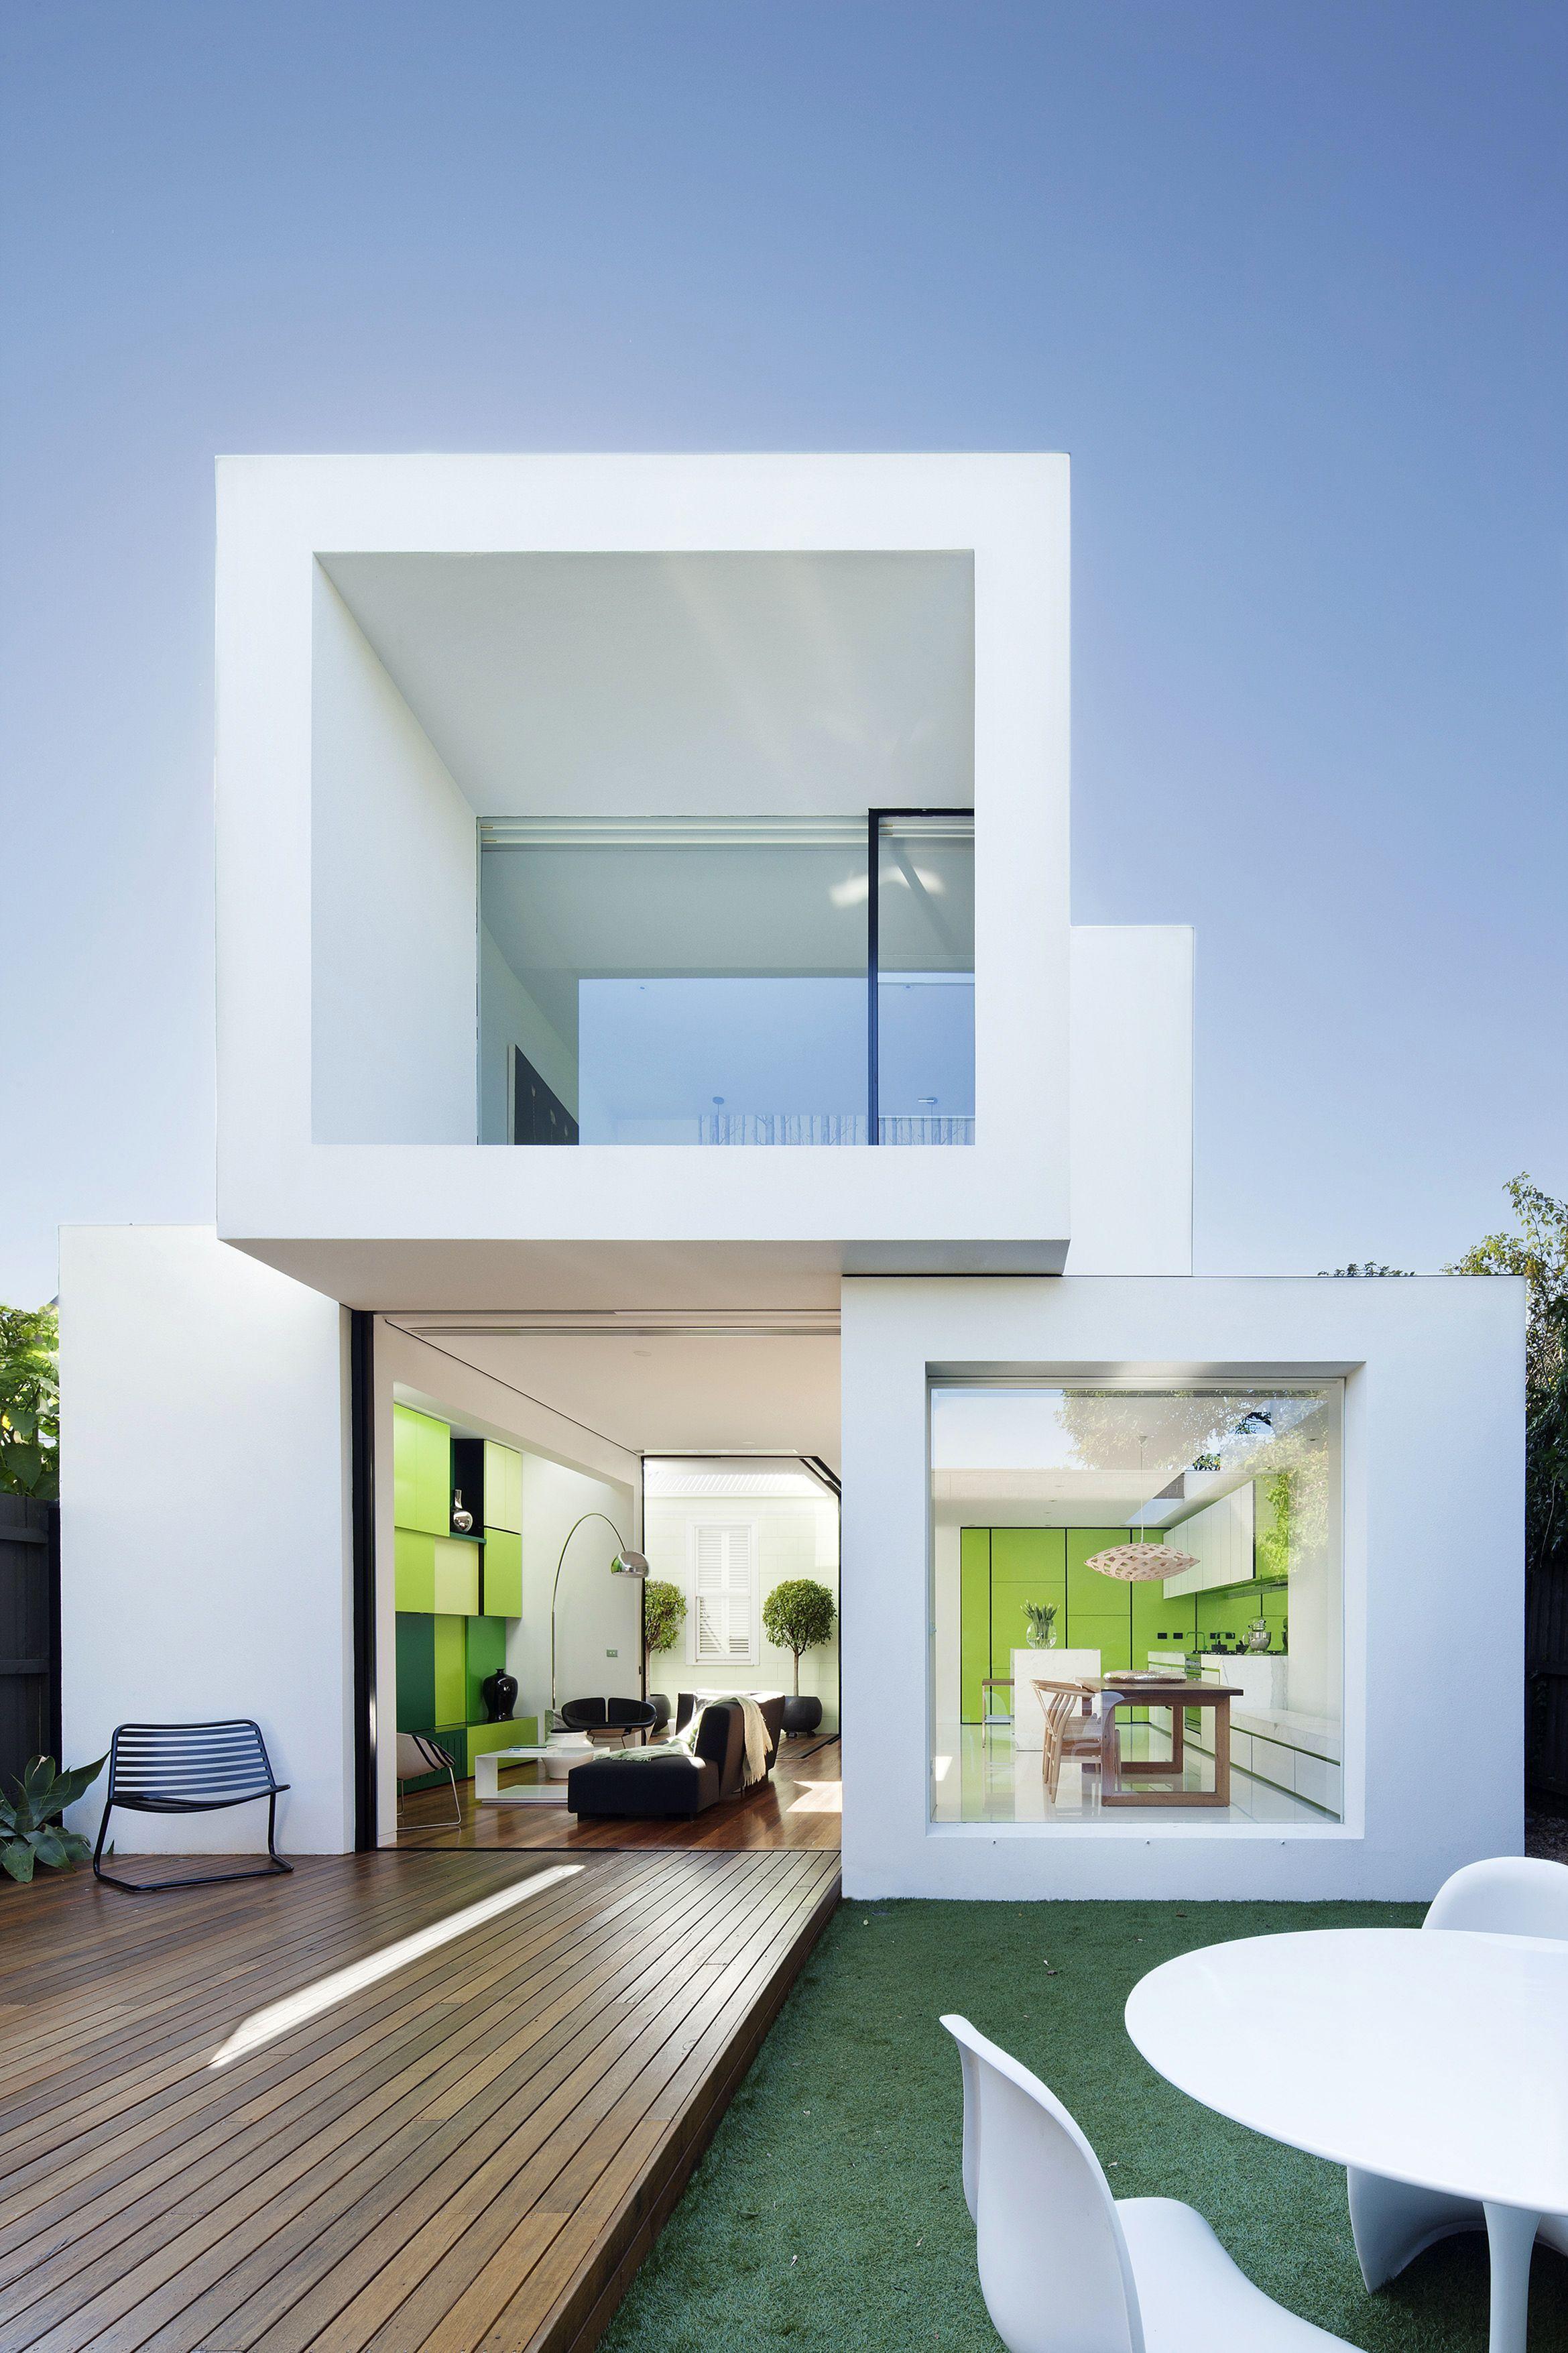 Exterior 10 Gorgeous Minimalist Home Design Ideas Trend 2020 In 2020 Interior Architecture Design Minimal Architecture Modern Architecture